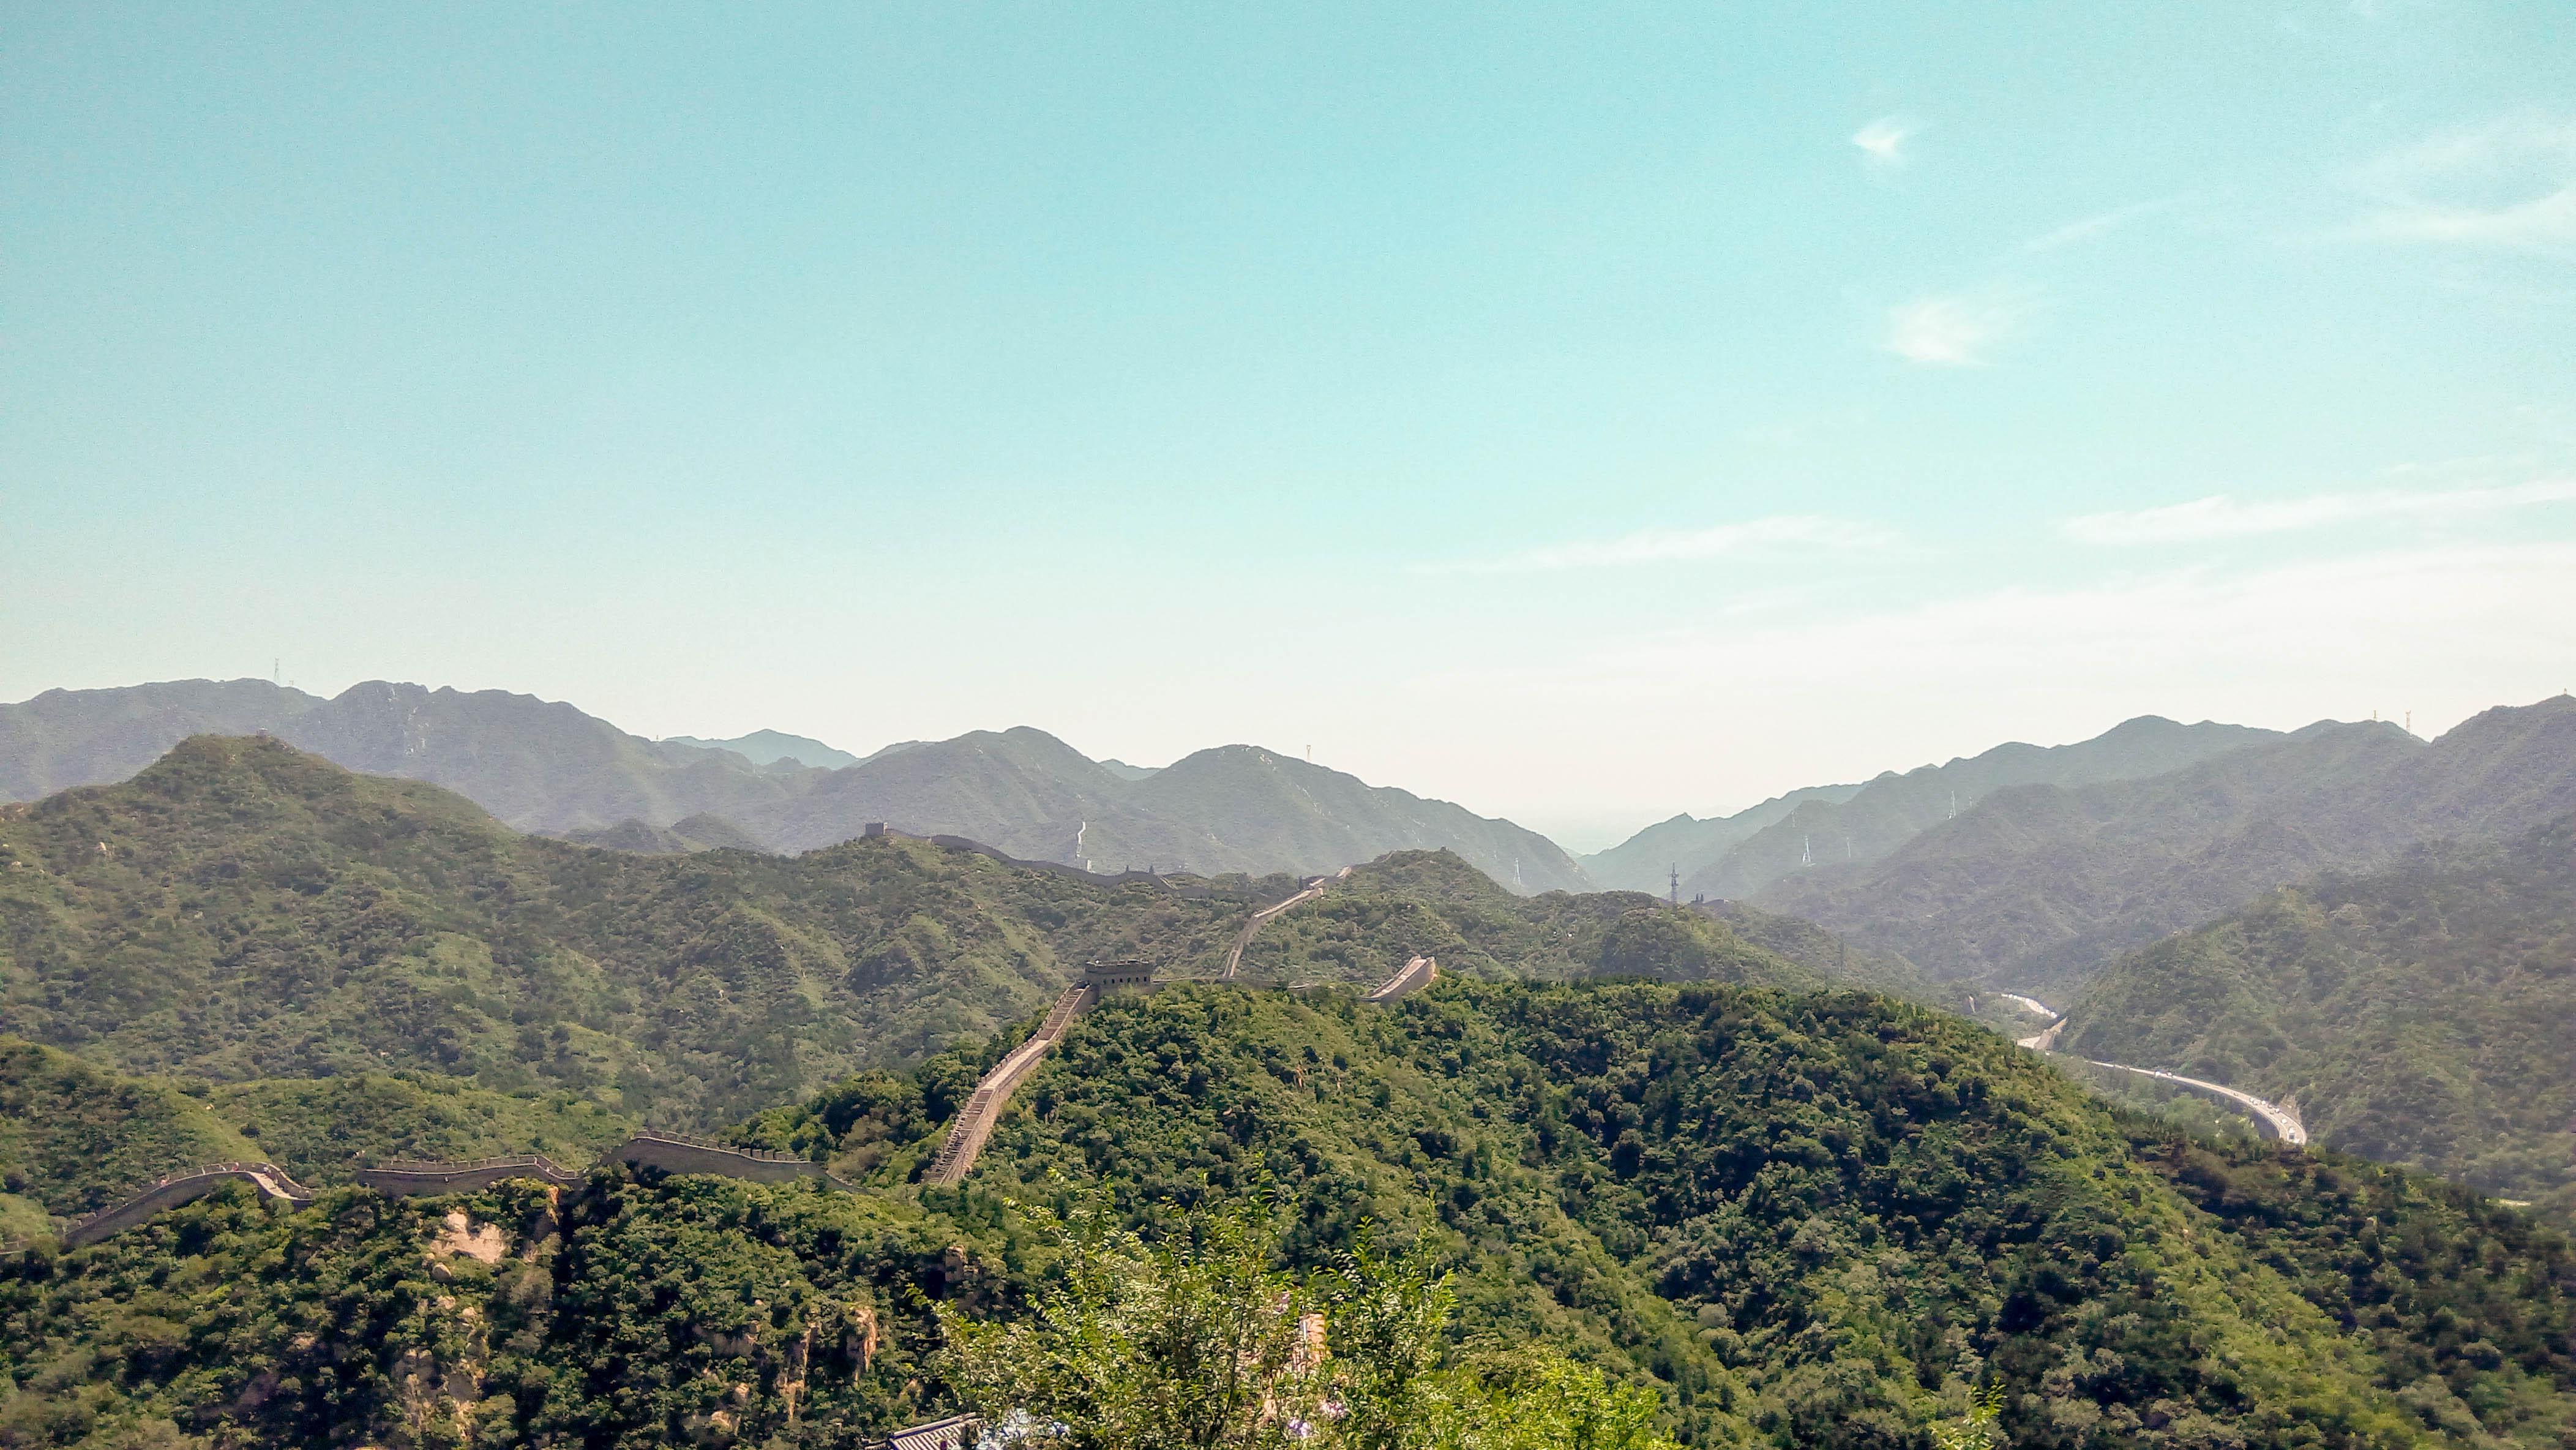 Great Wall Landscape